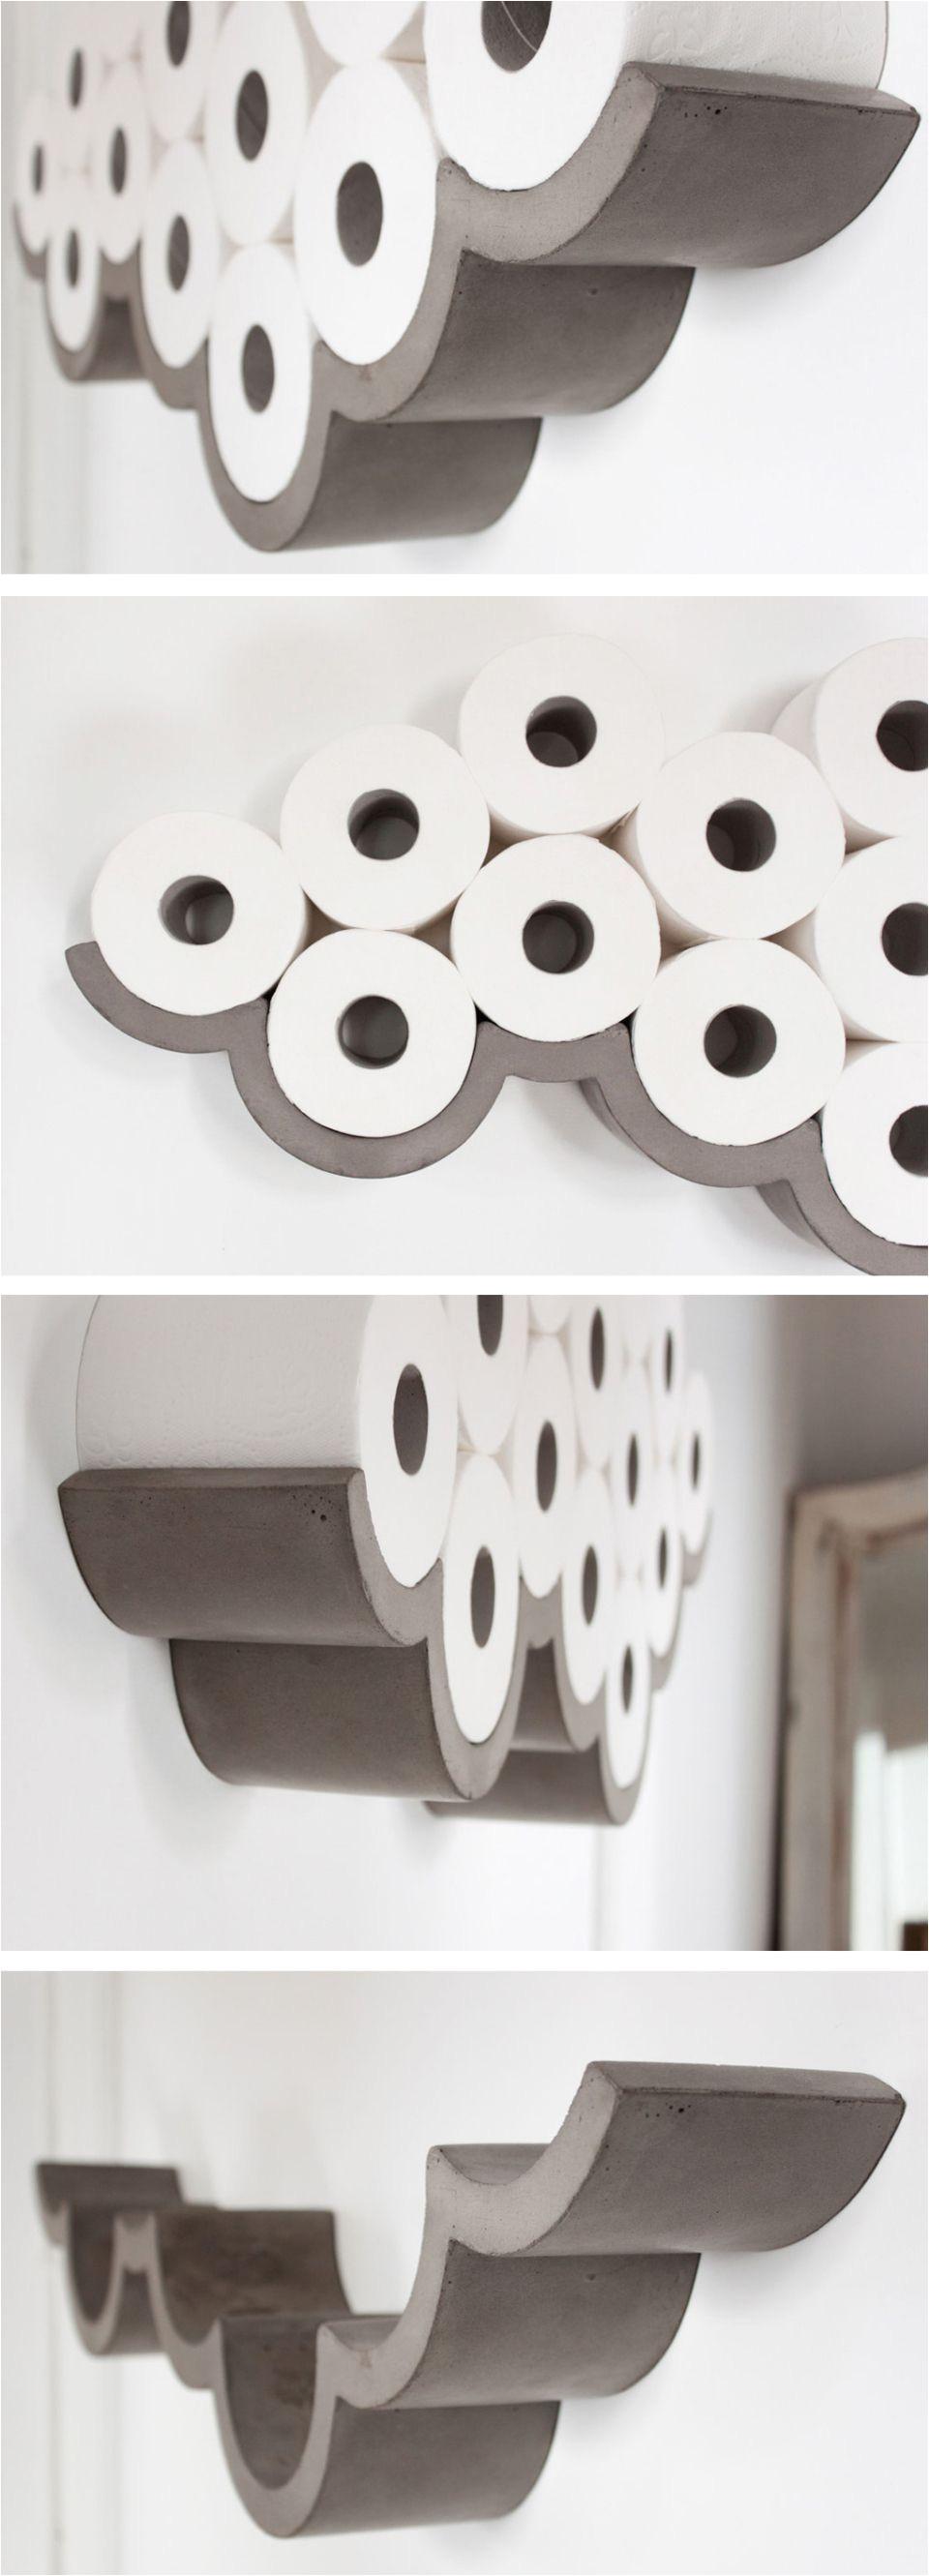 concrete cloud shaped toilet paper holder amazing